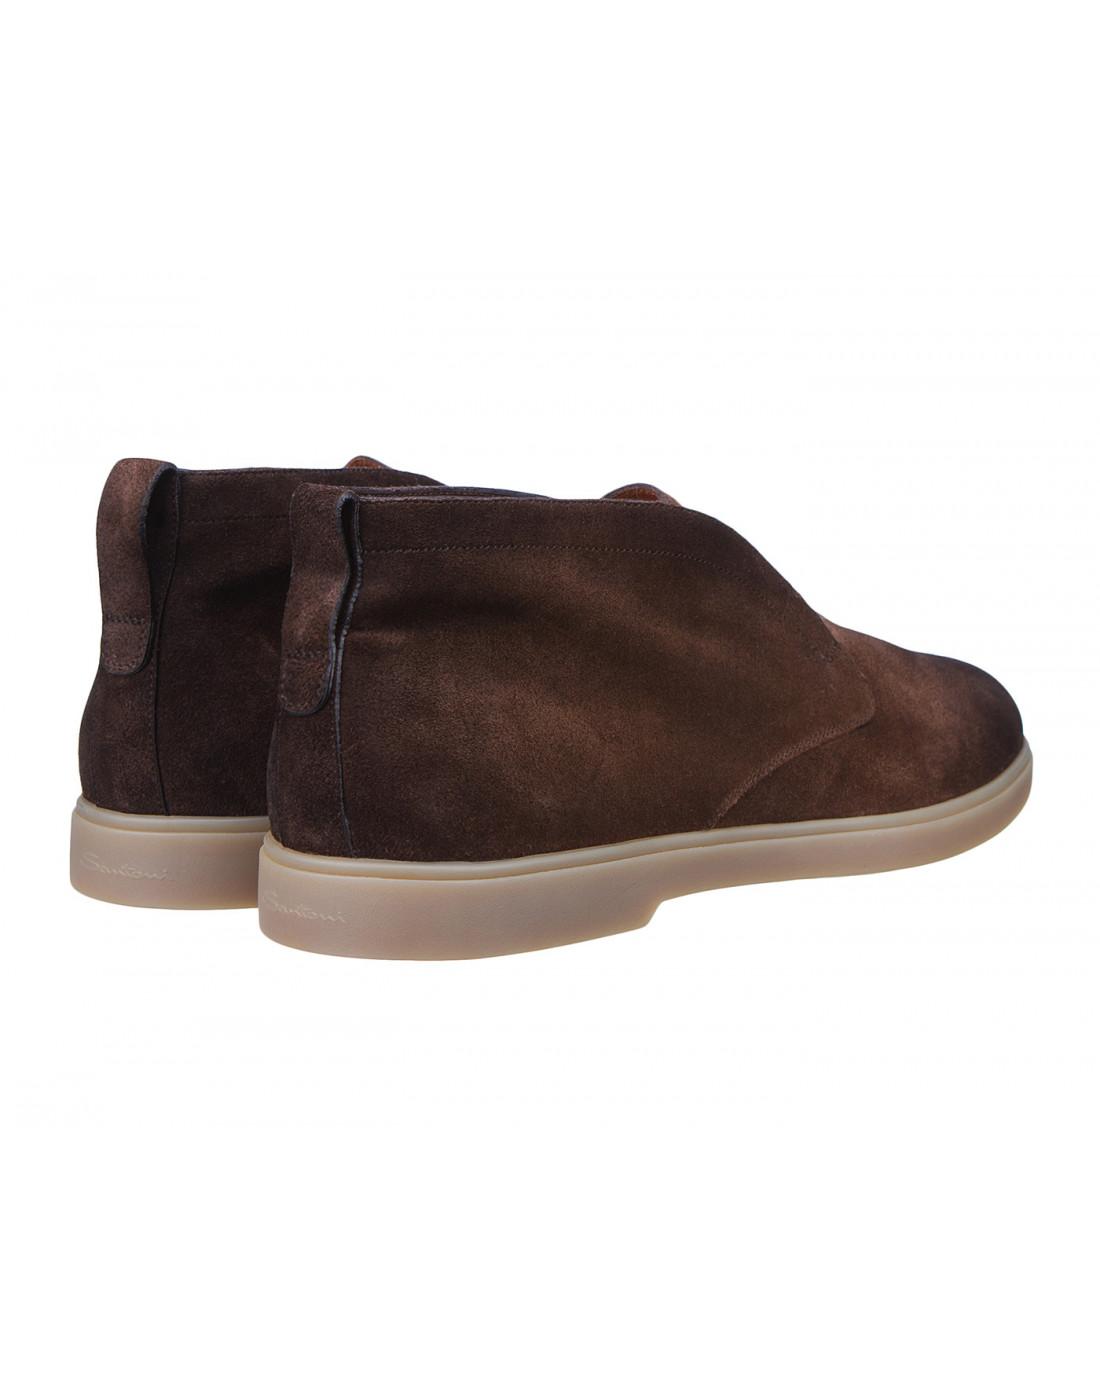 Ботинки коричневые мужские Santoni S15777-3